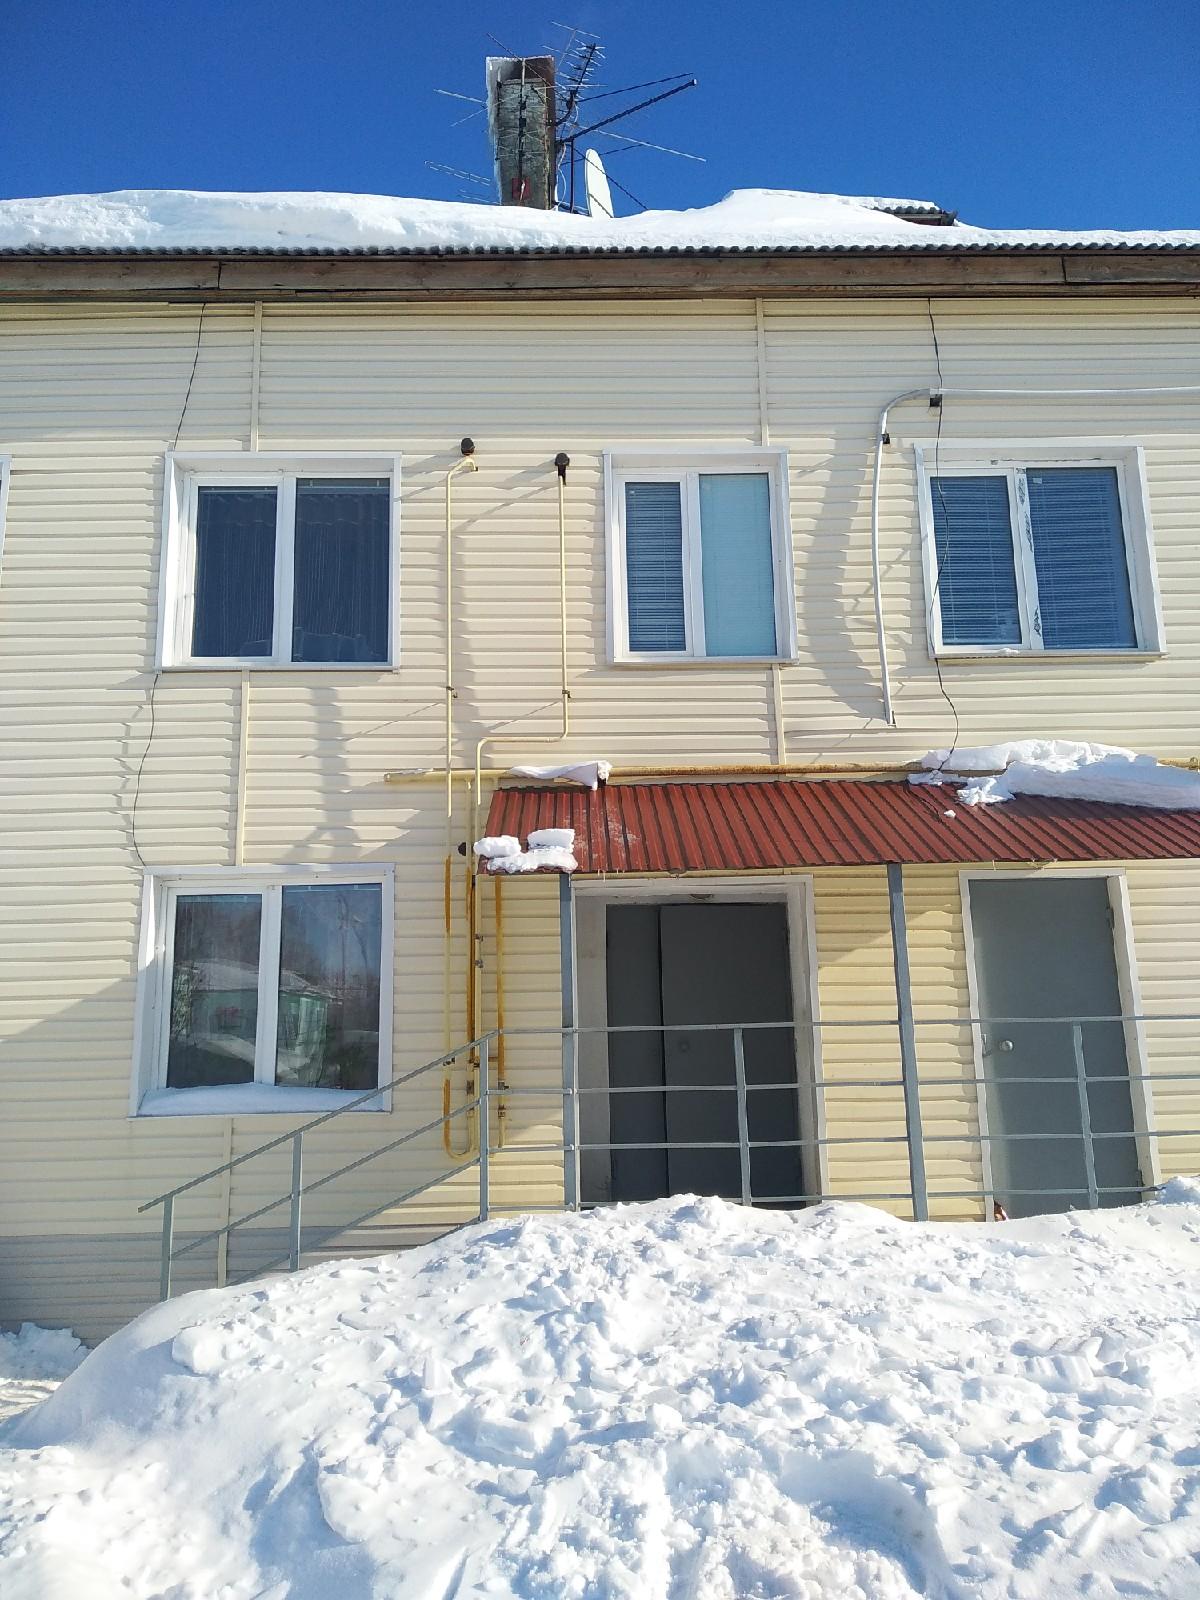 3-х комнатная квартира, п. Кинельский, Самарская область, агентство недвижимости Александра Замула